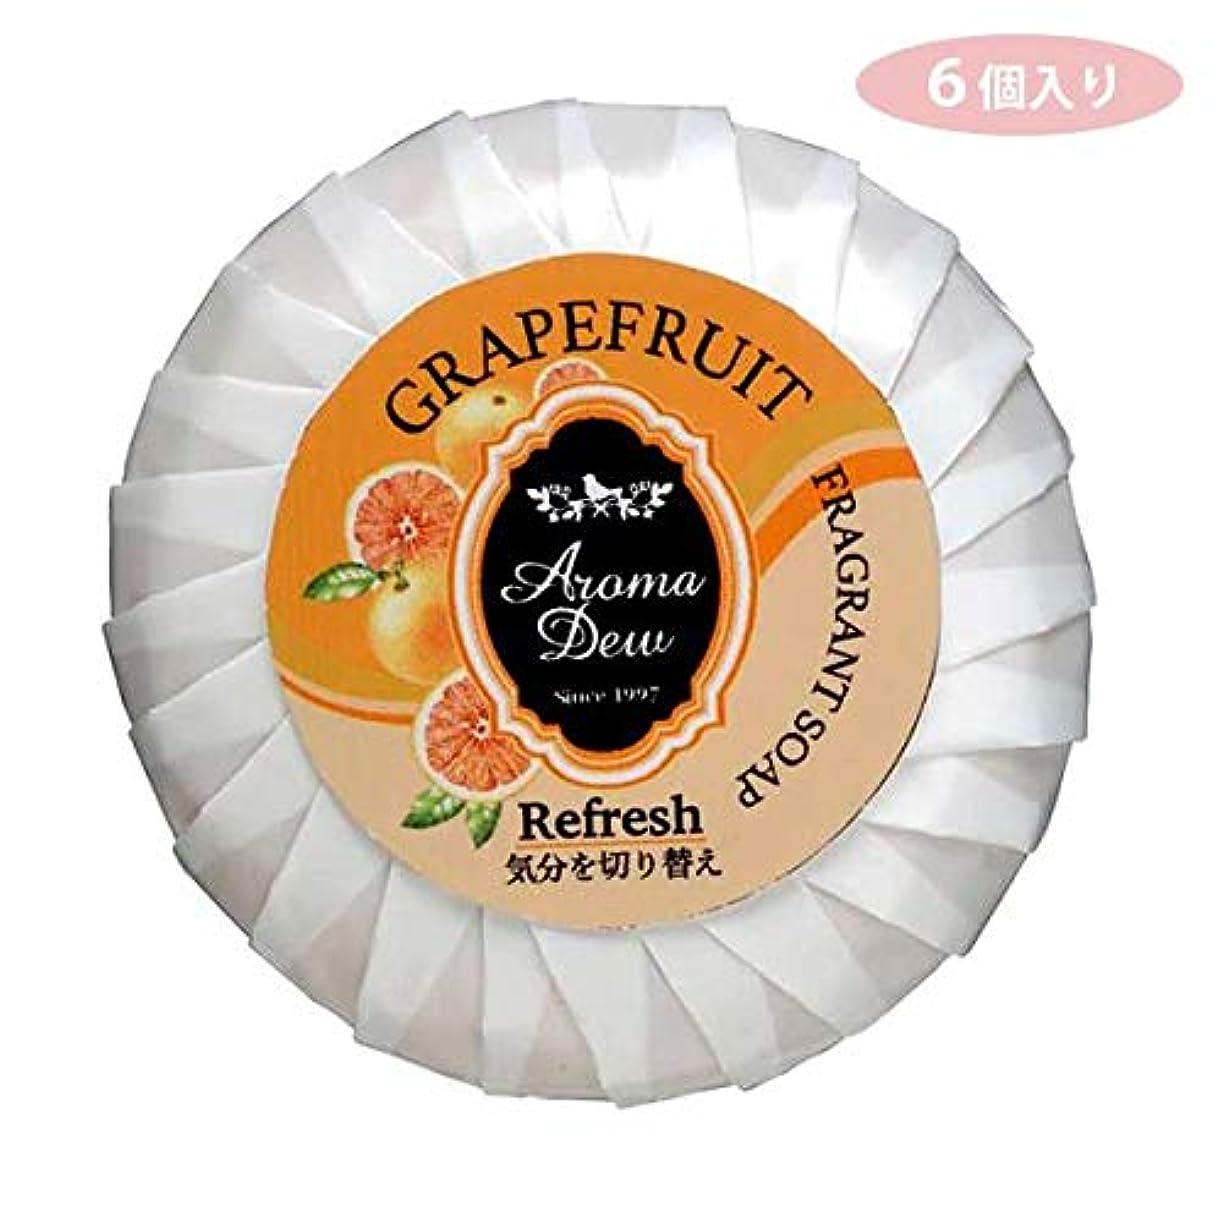 アンプ謝罪する連合AM-F3GF 6個入り アロマデュウ フレグラントソープ グレープフルーツ